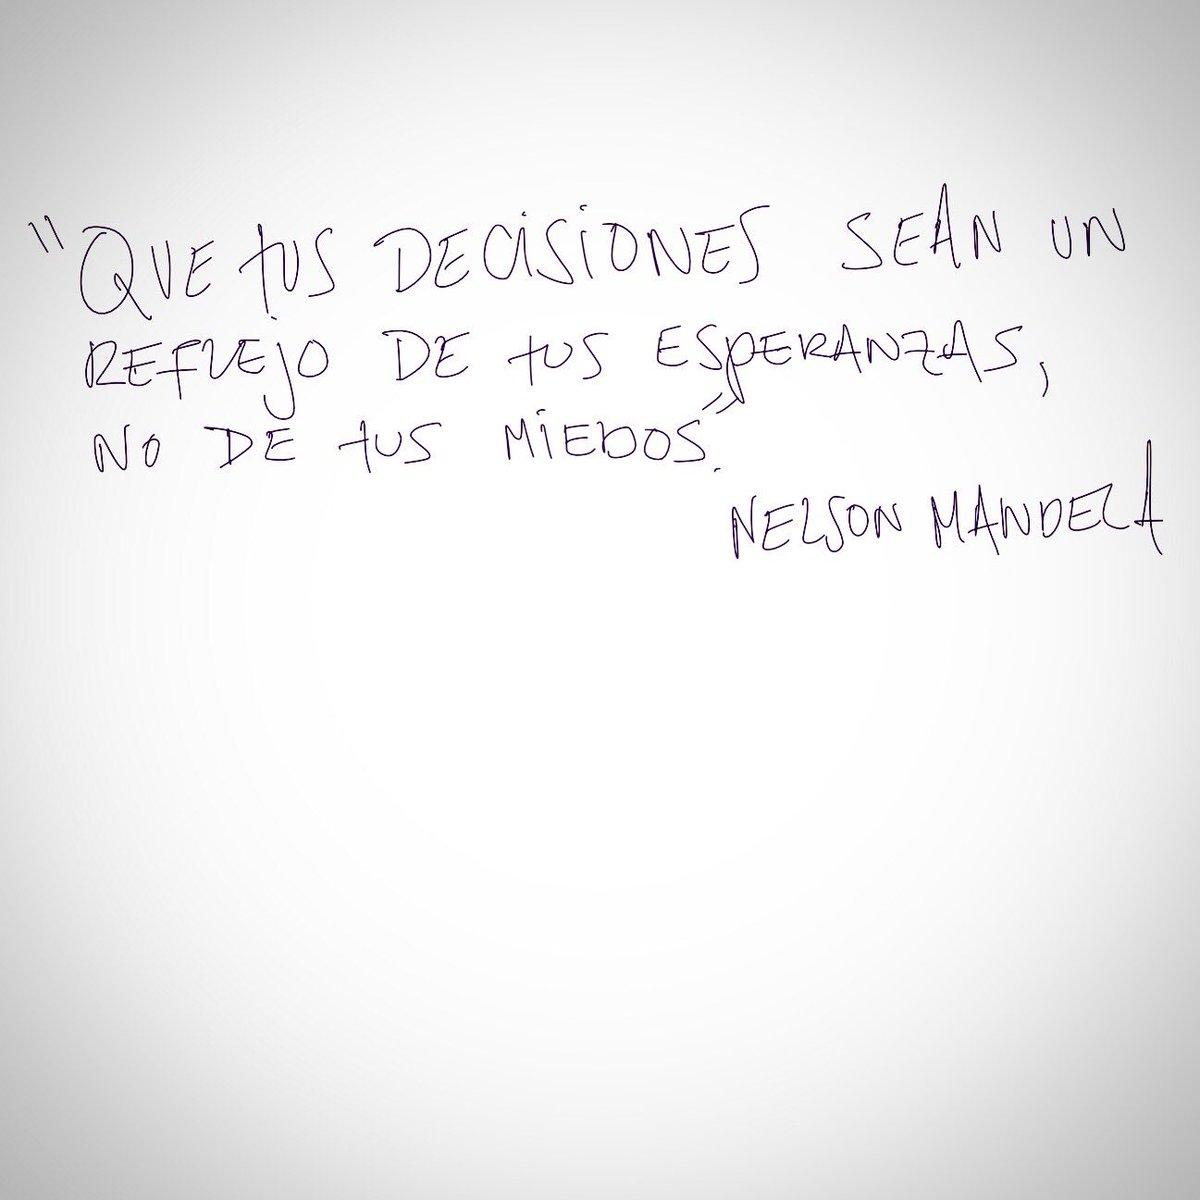 """""""Que tus decisiones sean un reflejo de tus esperanzas, no de tus miedos.""""   Nelson Mandela https://t.co/Gyc4MMIpVv"""